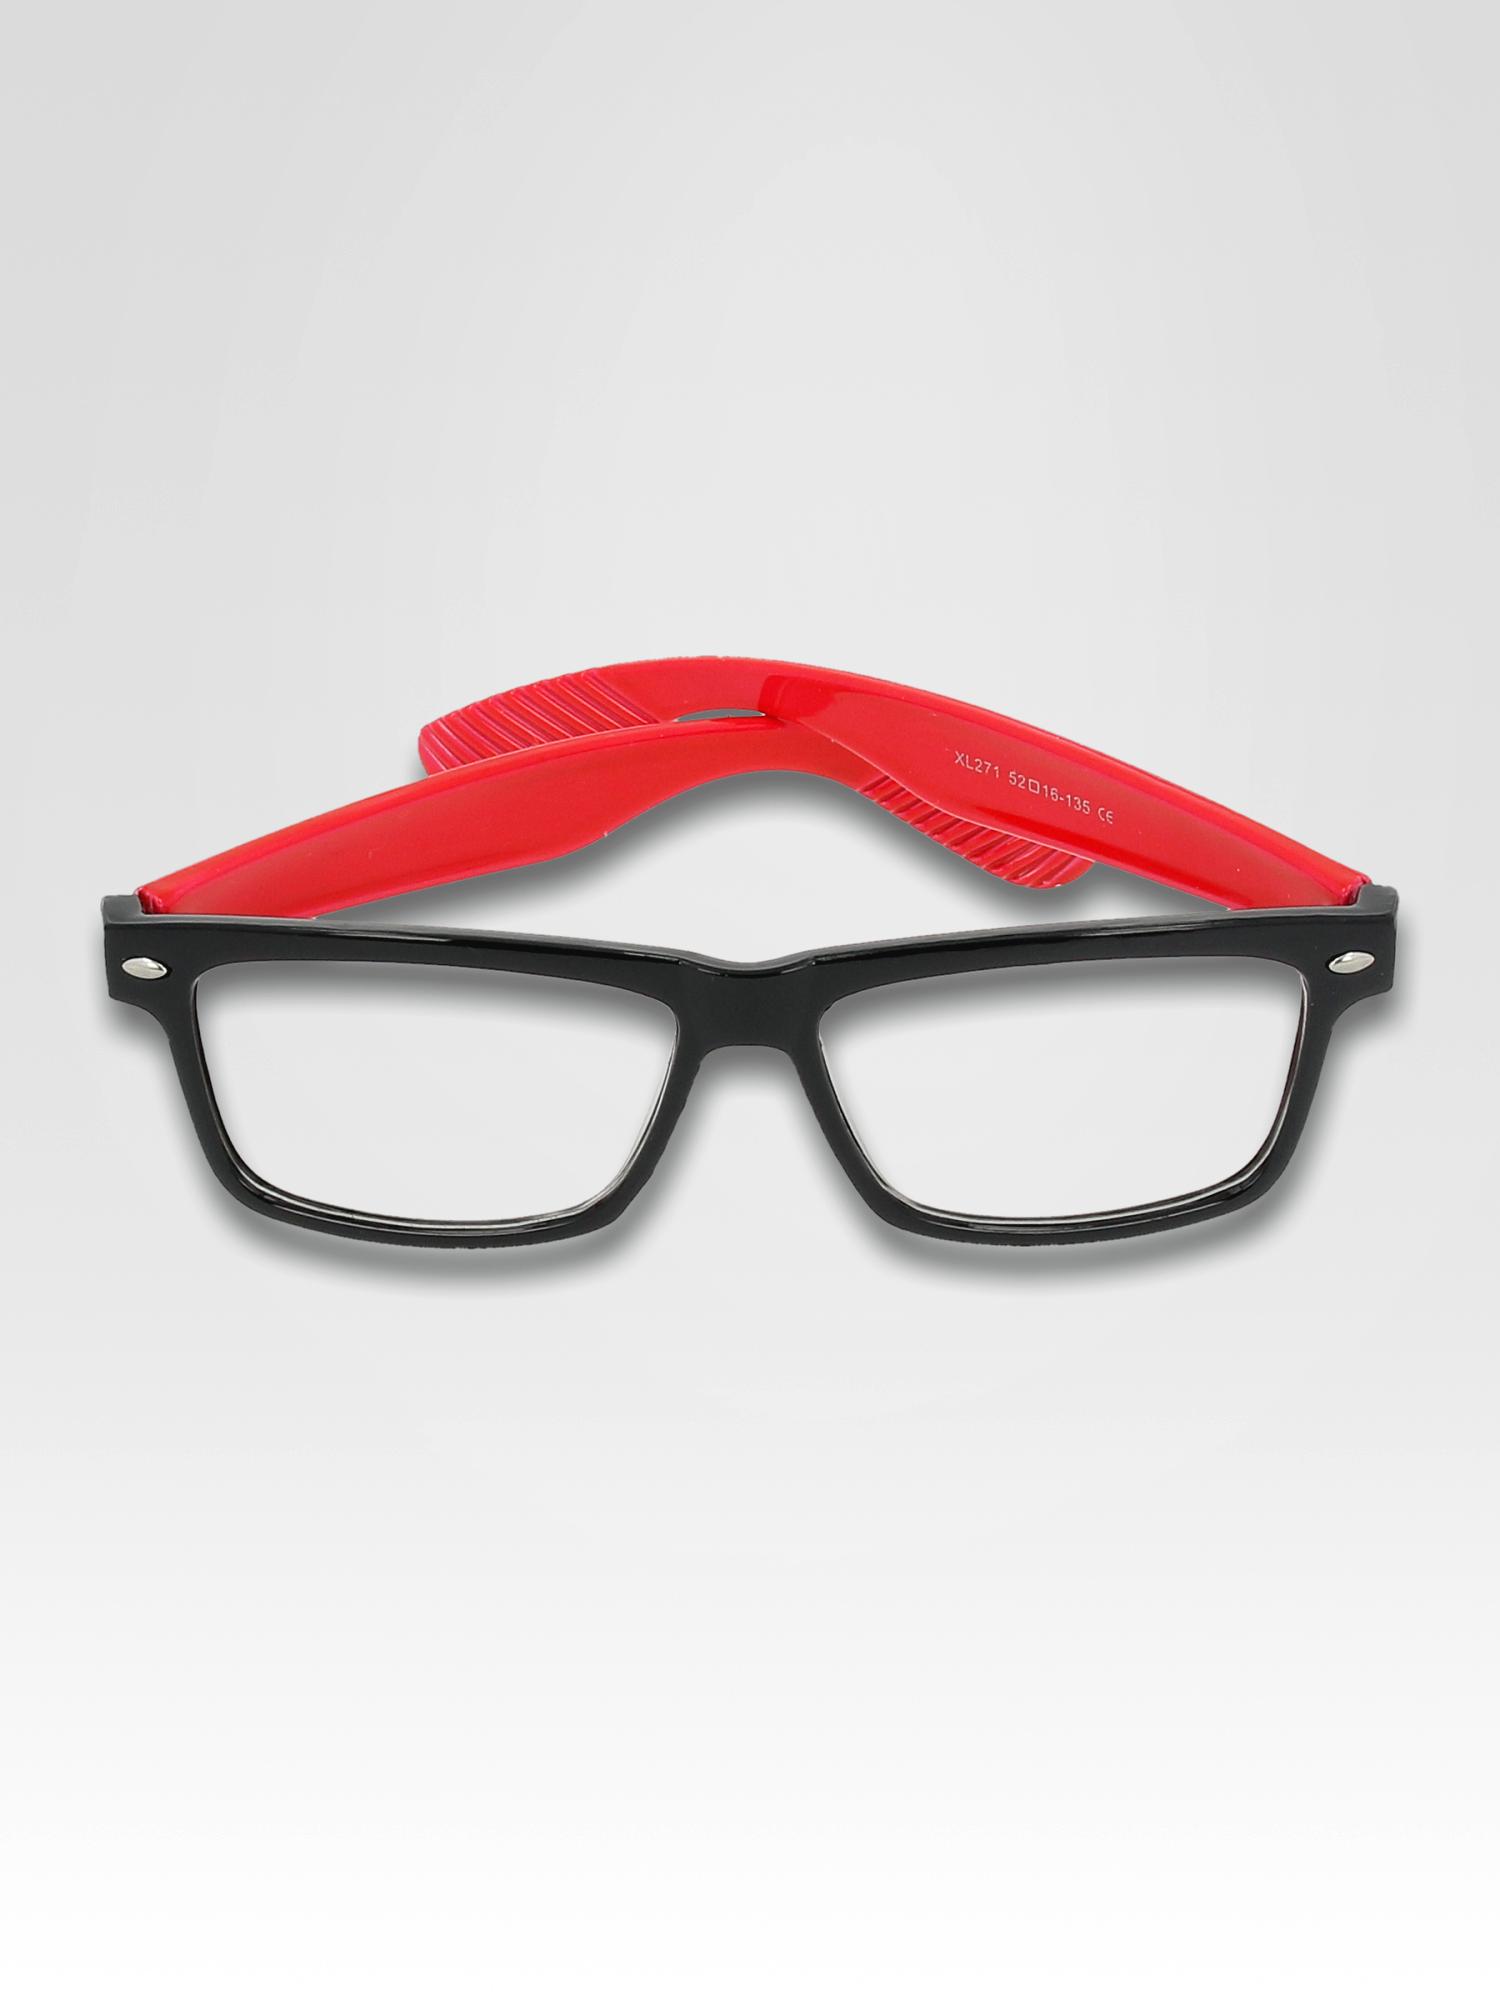 8924c98b4fdf9f 2; Czerwono-czarne okulary zerówki kujonki typu WAYFARER NERDY ...